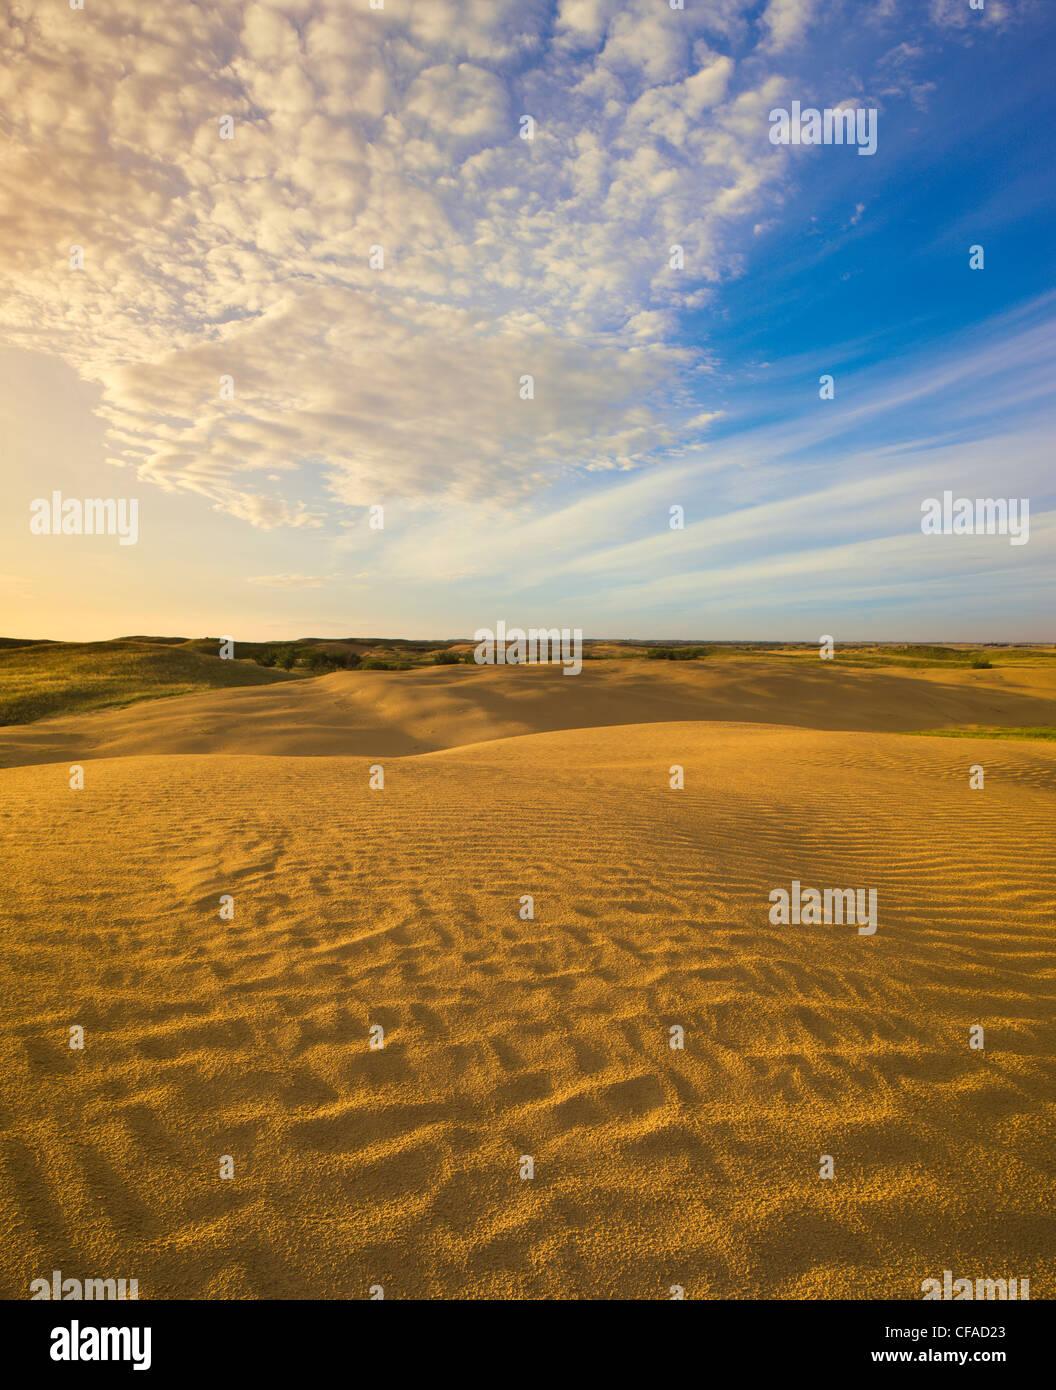 Detalle de grandes médanos de arena cerca de líder, Saskatchewan, Canadá. Imagen De Stock